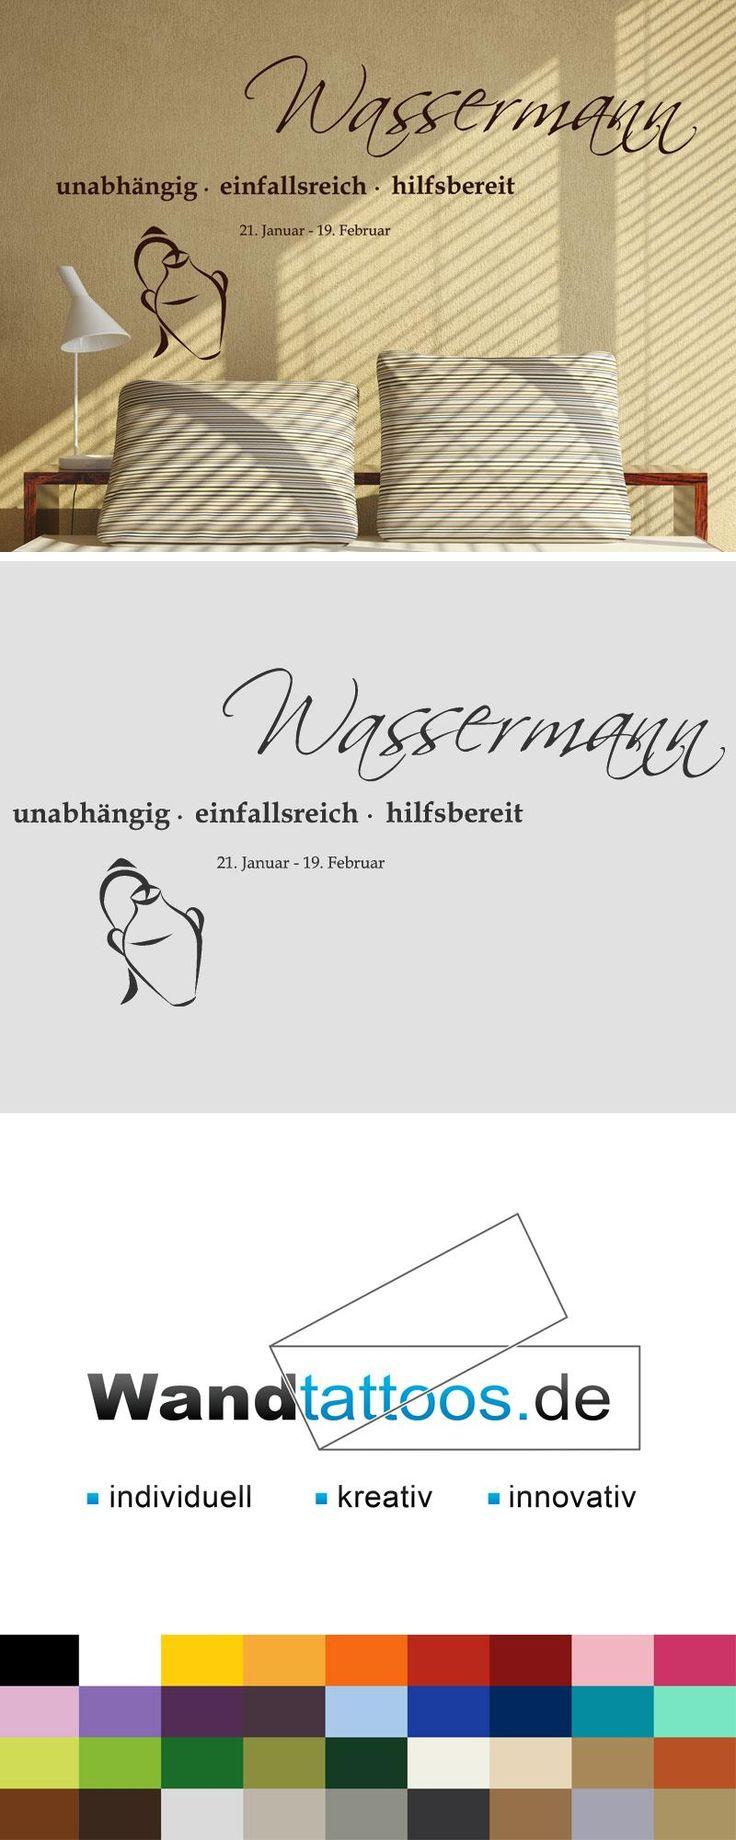 """Wandtattoo Sternzeichen """"Wassermann"""" als Idee zur individuellen Wandgestaltung. Einfach Lieblingsfarbe und Größe auswählen. Weitere kreative Anregungen von Wandtattoos.de hier entdecken!"""